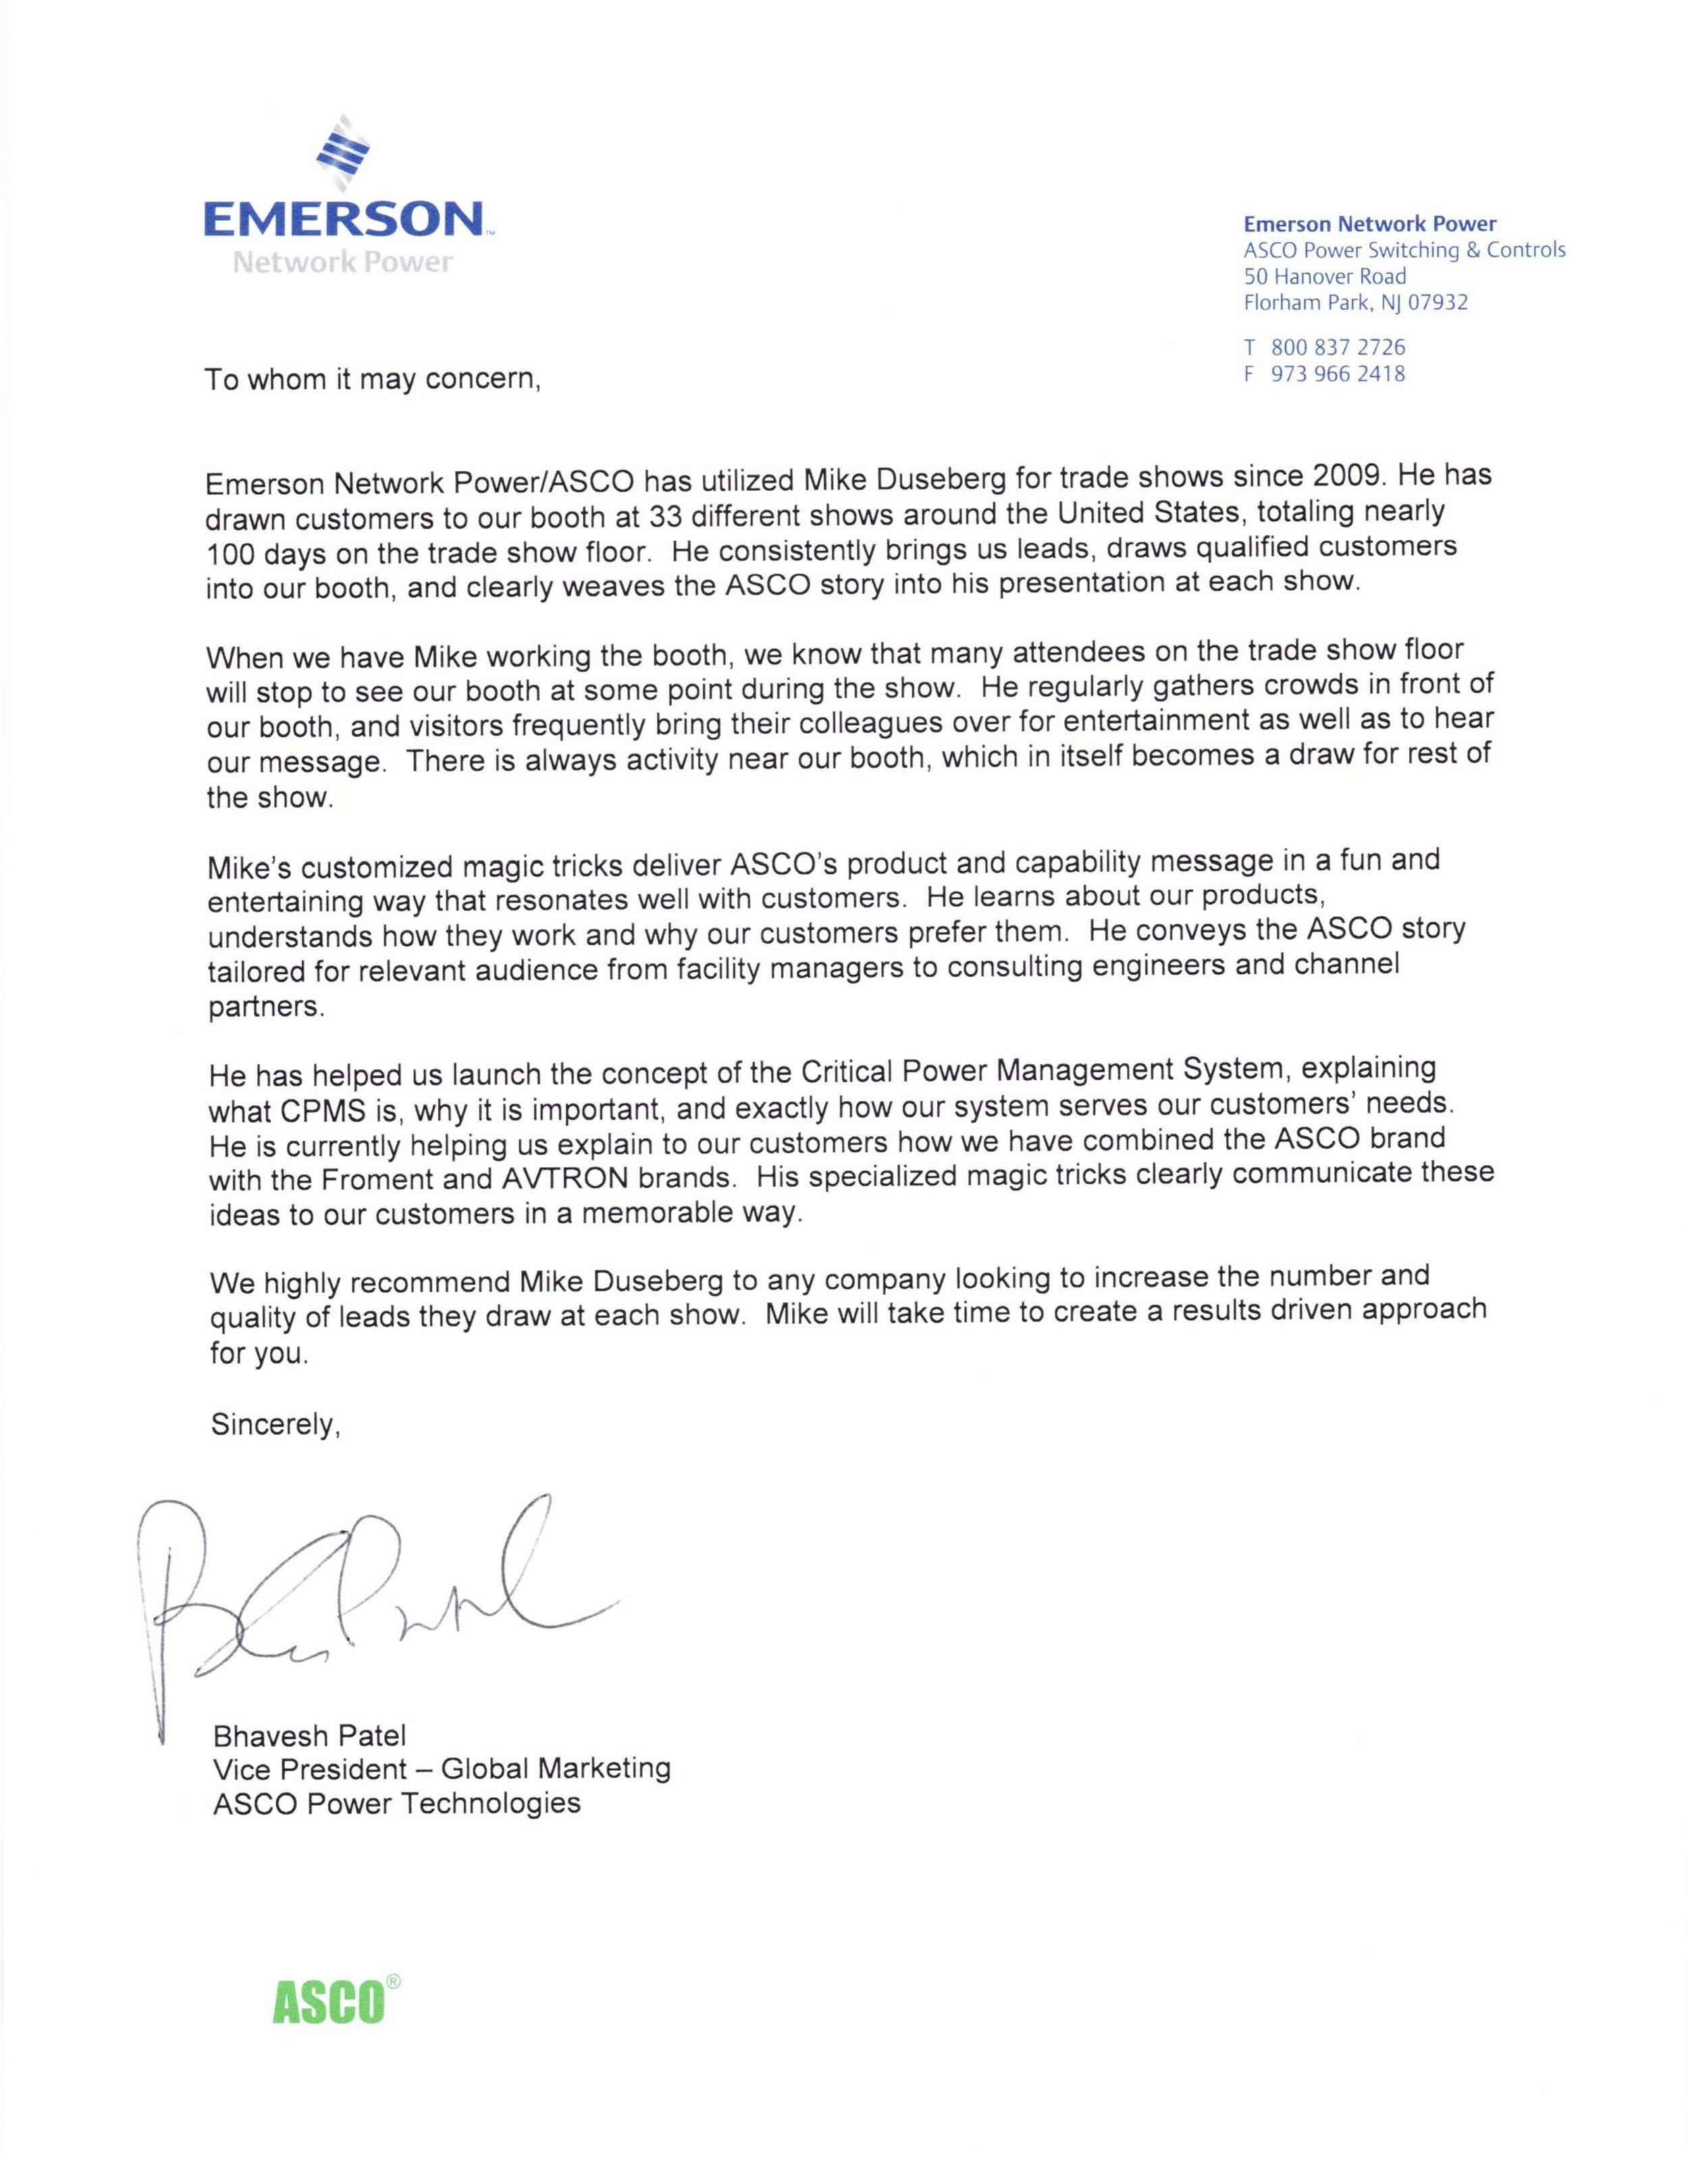 ASCO Letter of Recommendation.jpg